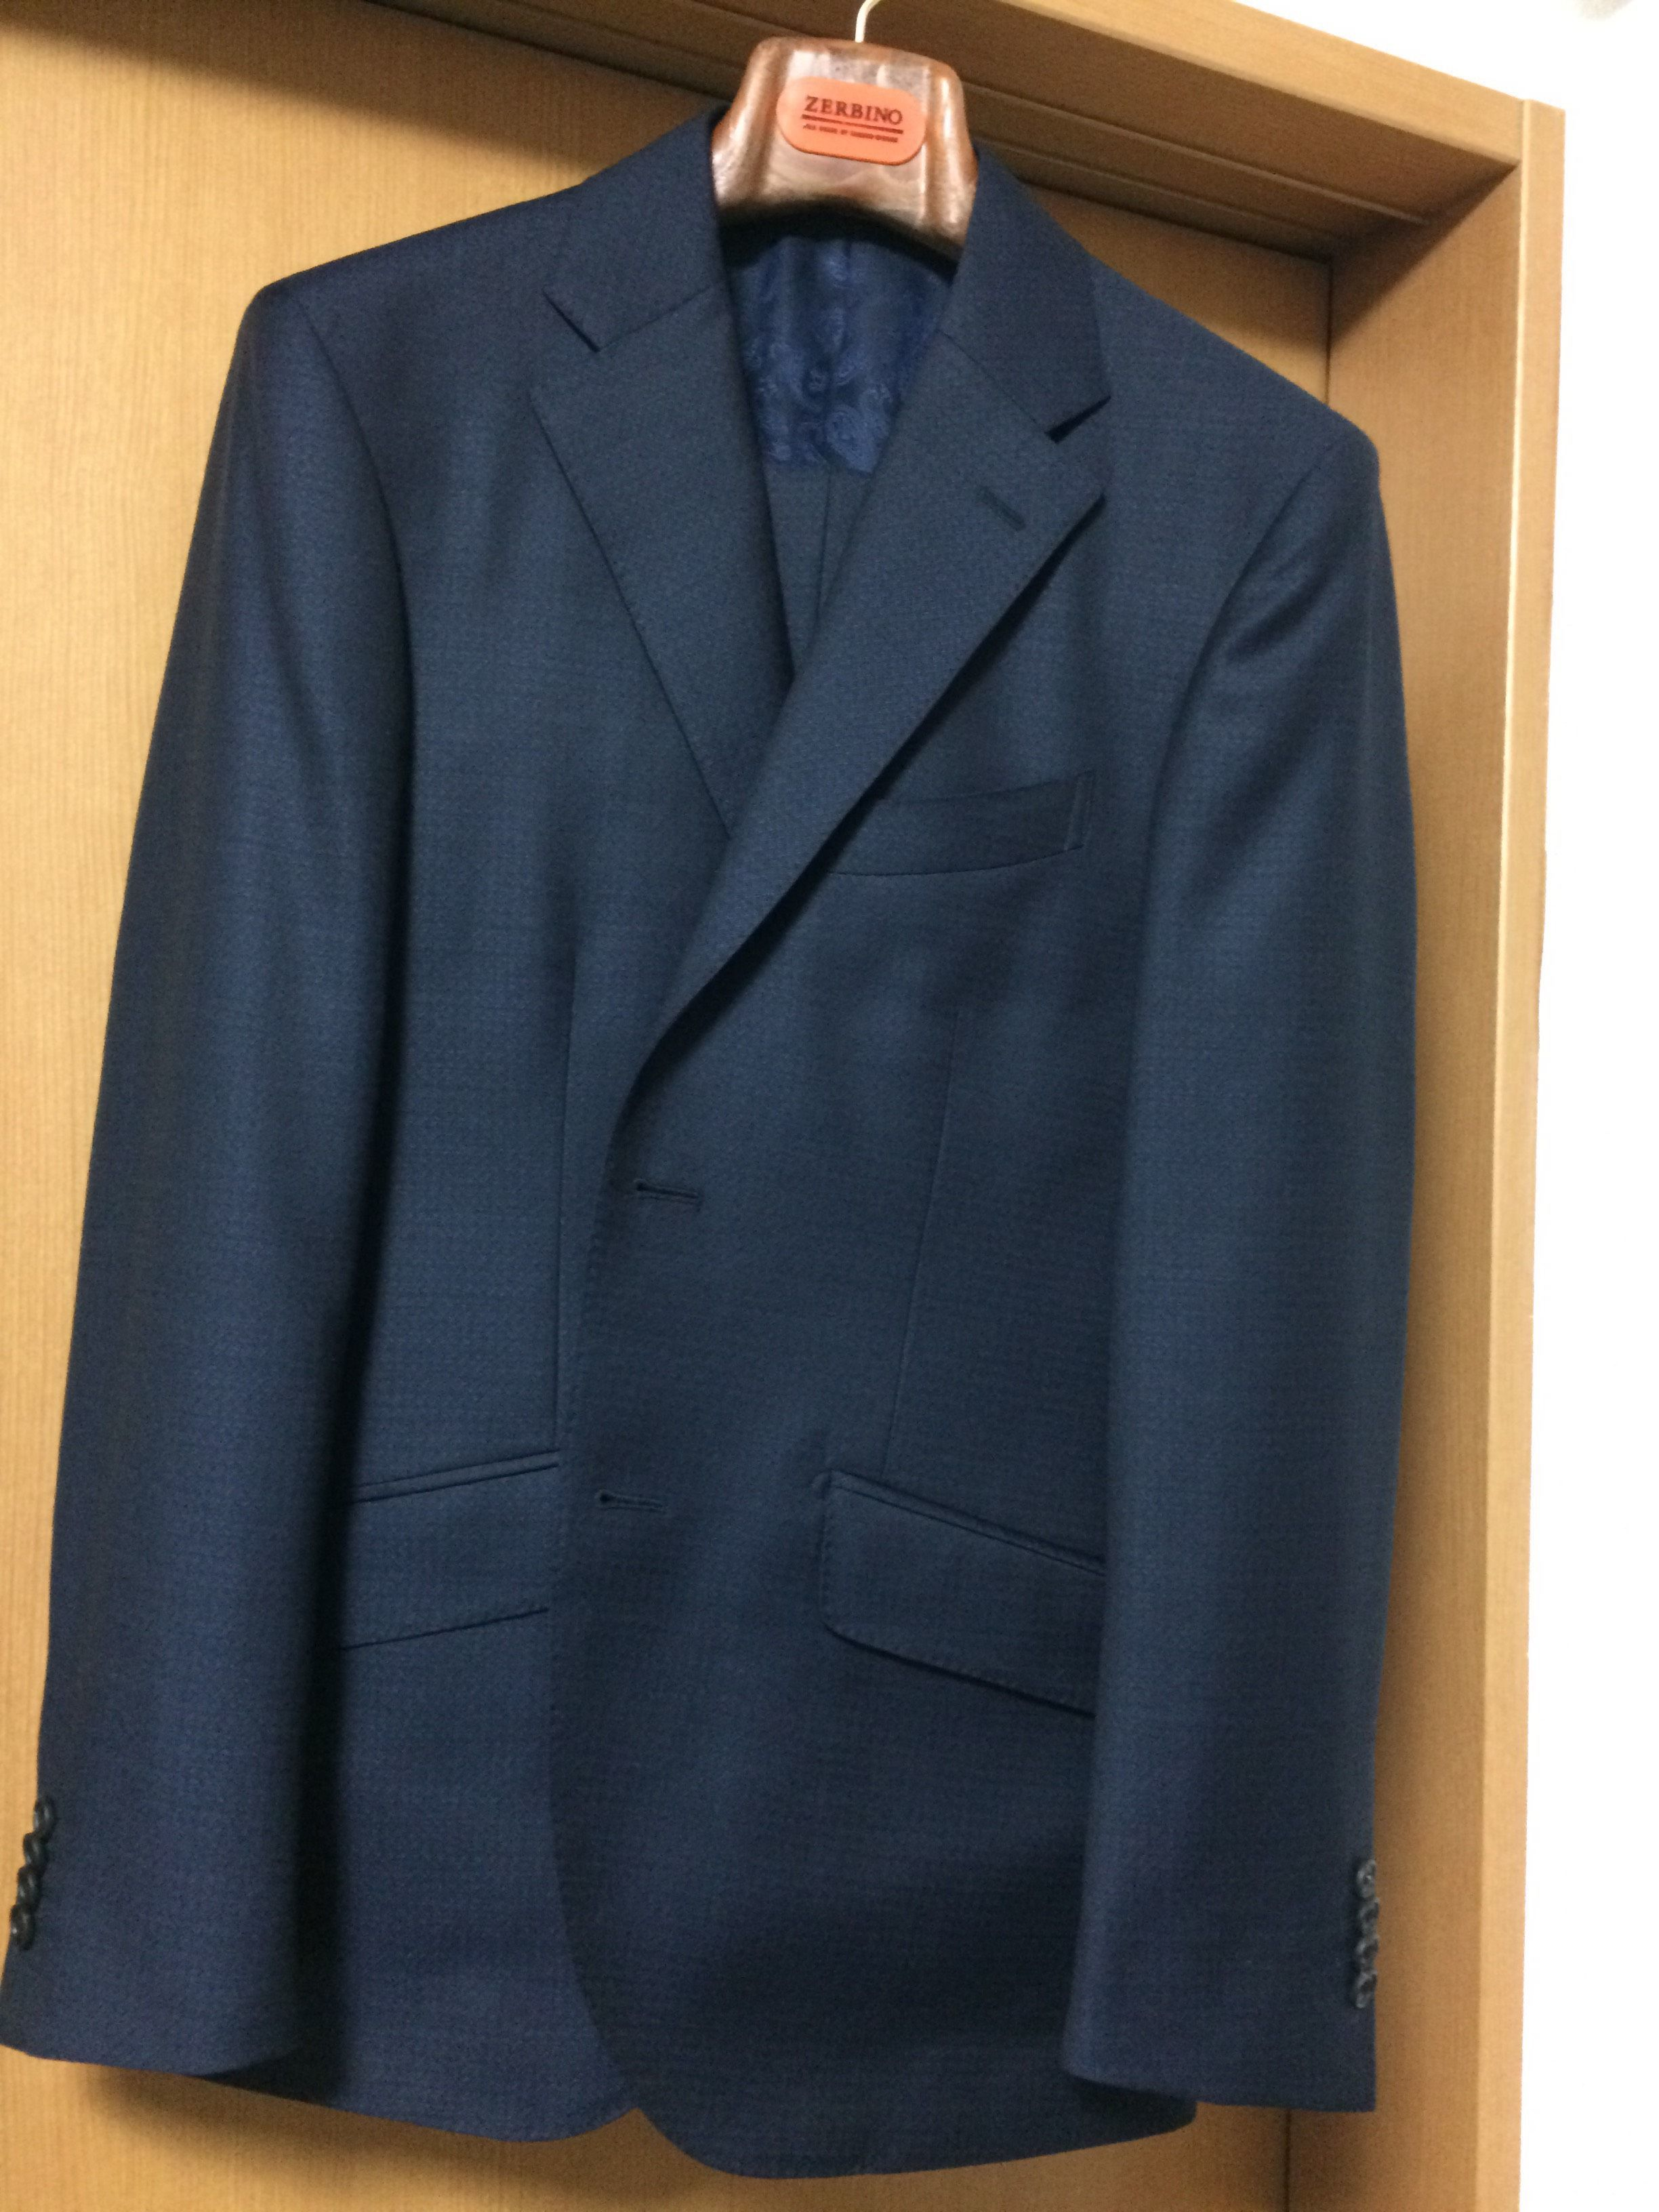 ゼルビーノのスーツ